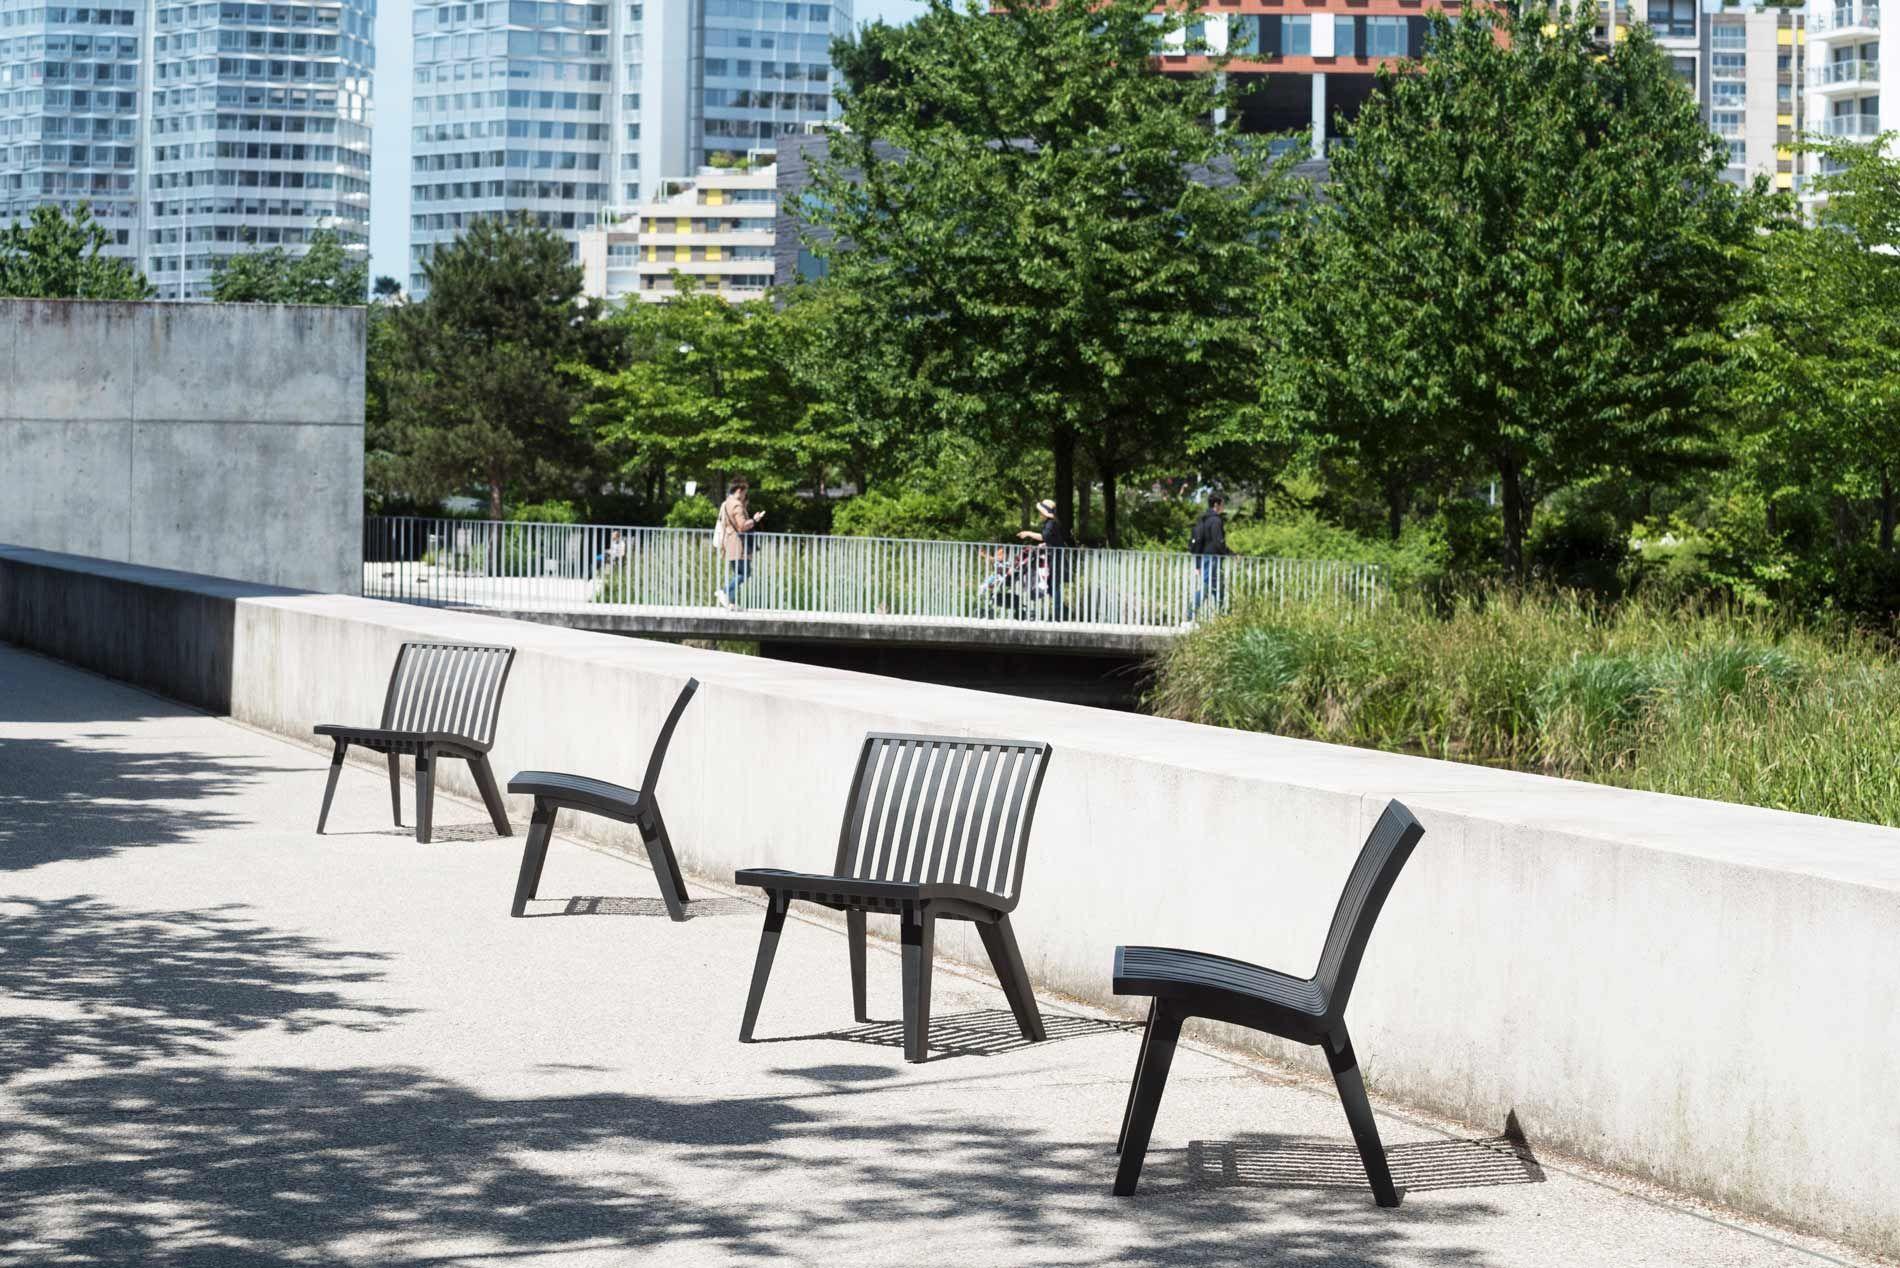 Chaise Montreal Area Mobilier Urbain Chaise Design Mobilier Decoration Exterieur